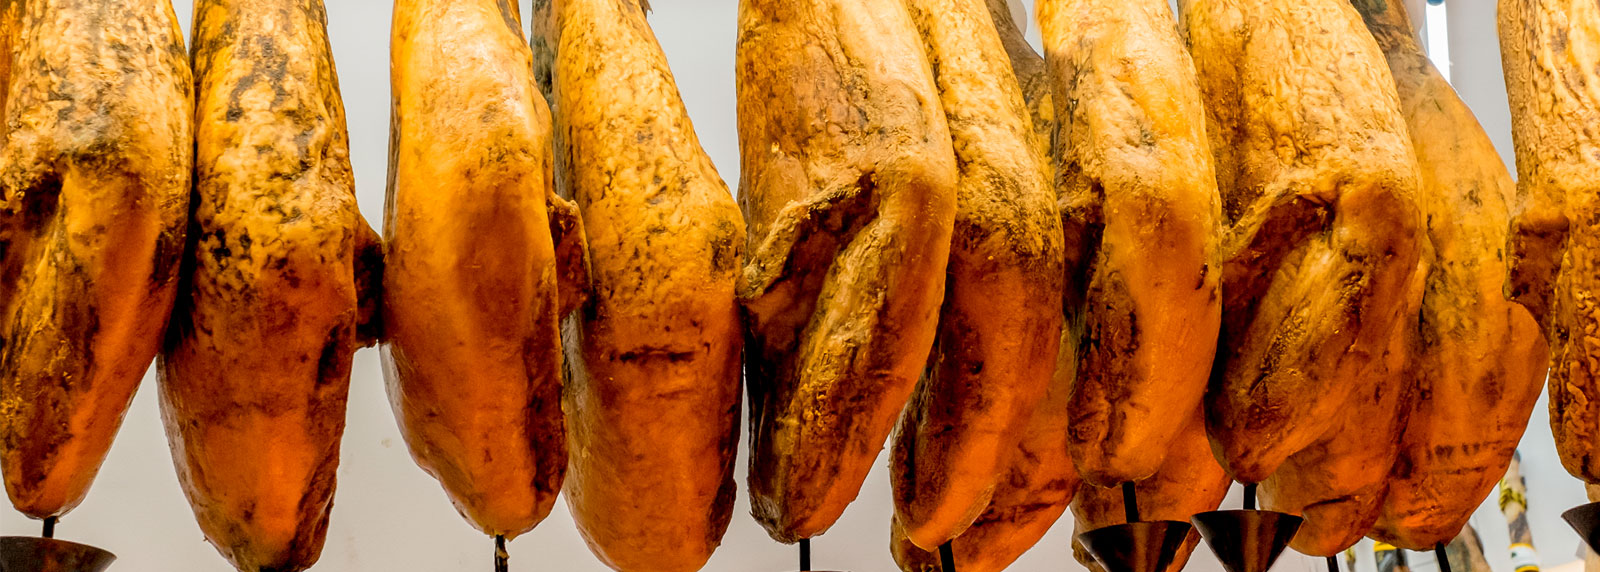 jamon-serrano-especialidad